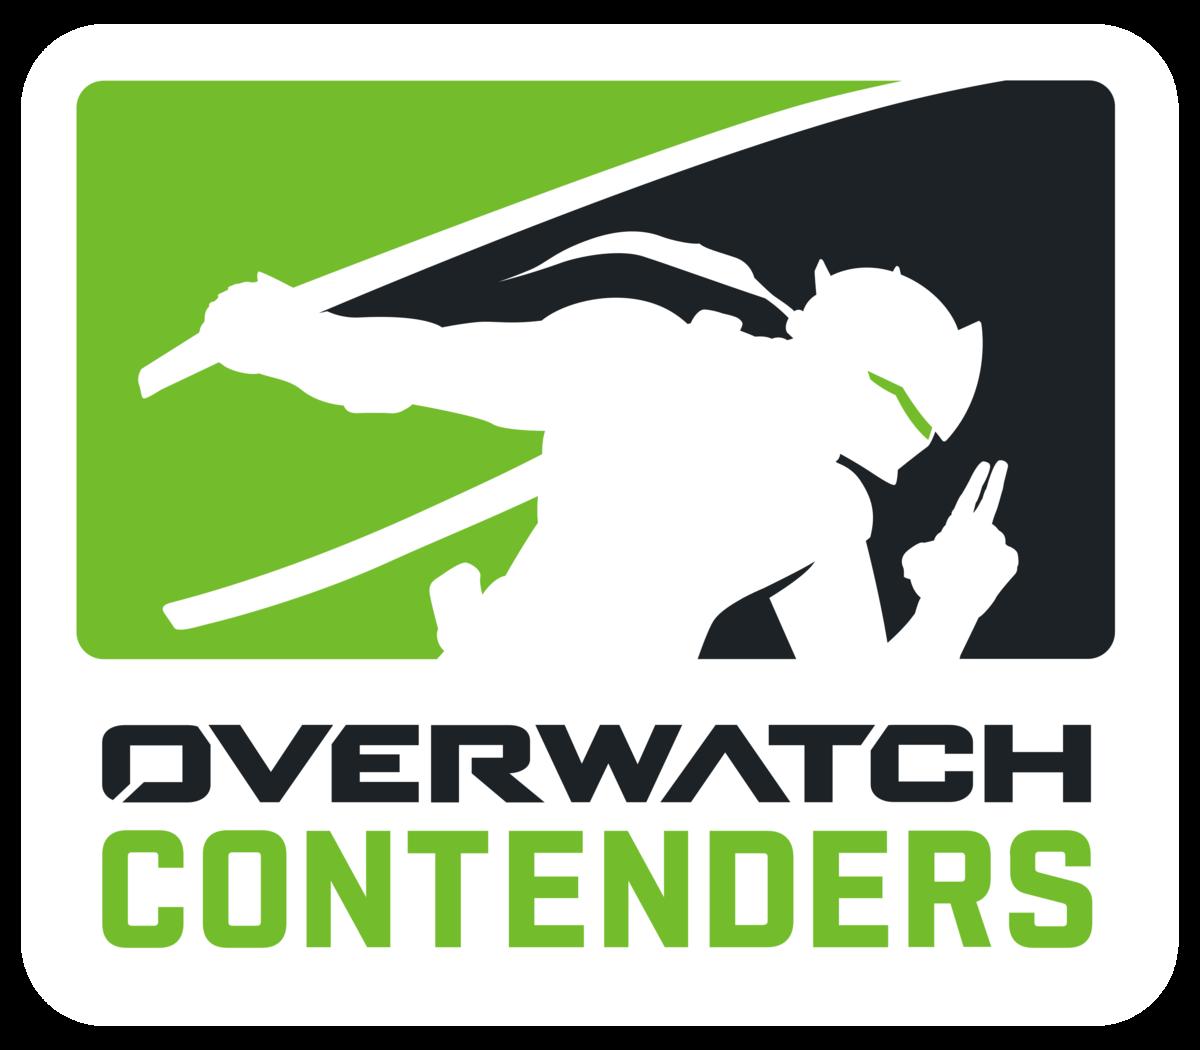 Overwatch Contenders 2018 Season 2 - Korea